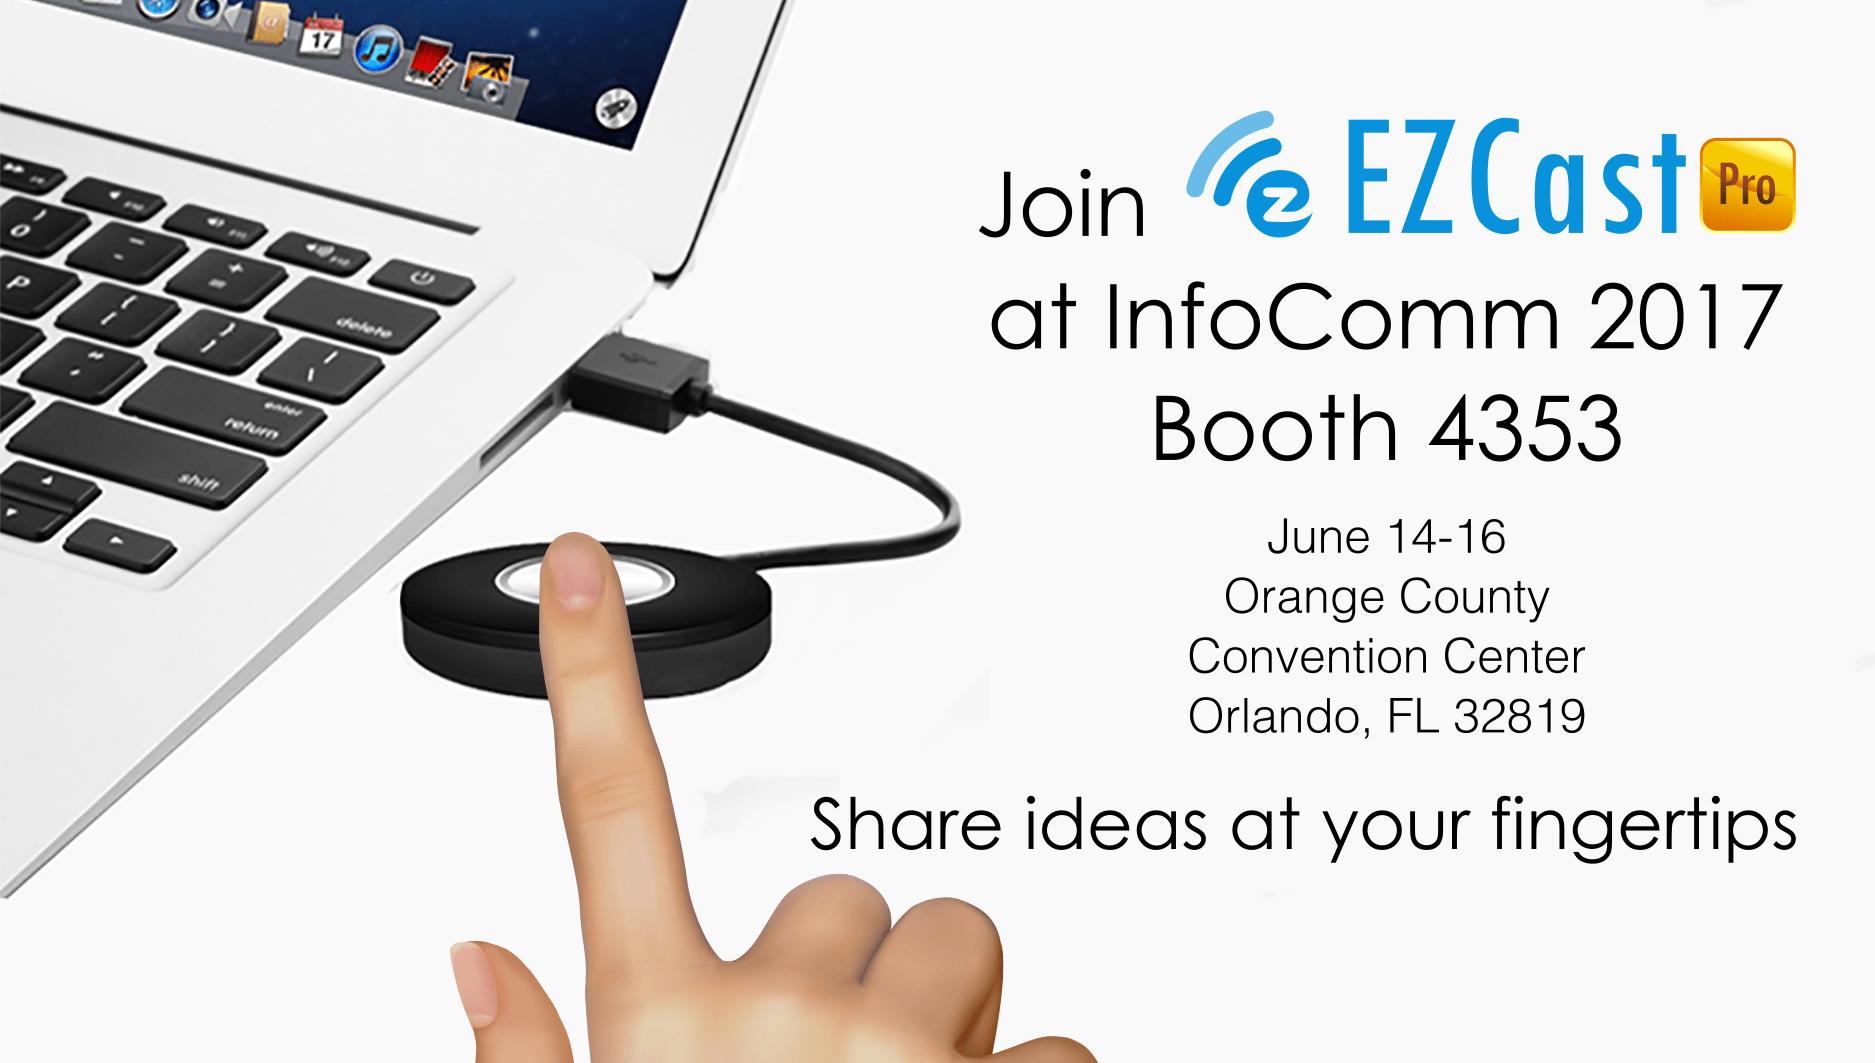 EZCast Pro InfoComm 2017